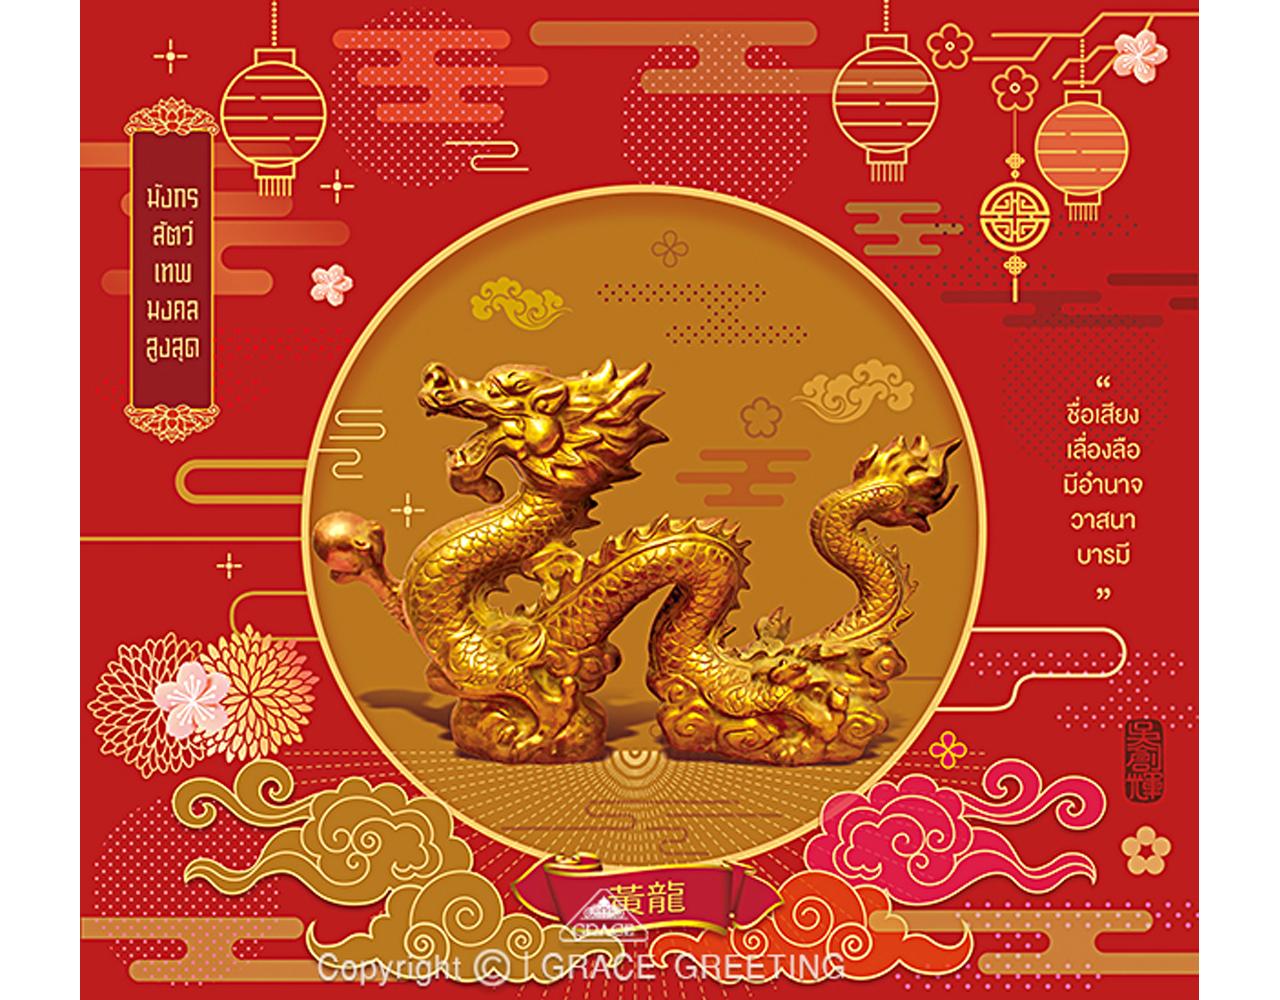 ปฏิทินตั้งโต๊ะ ปี 2562 CT.6210 มงคลจีน 2019 Sep